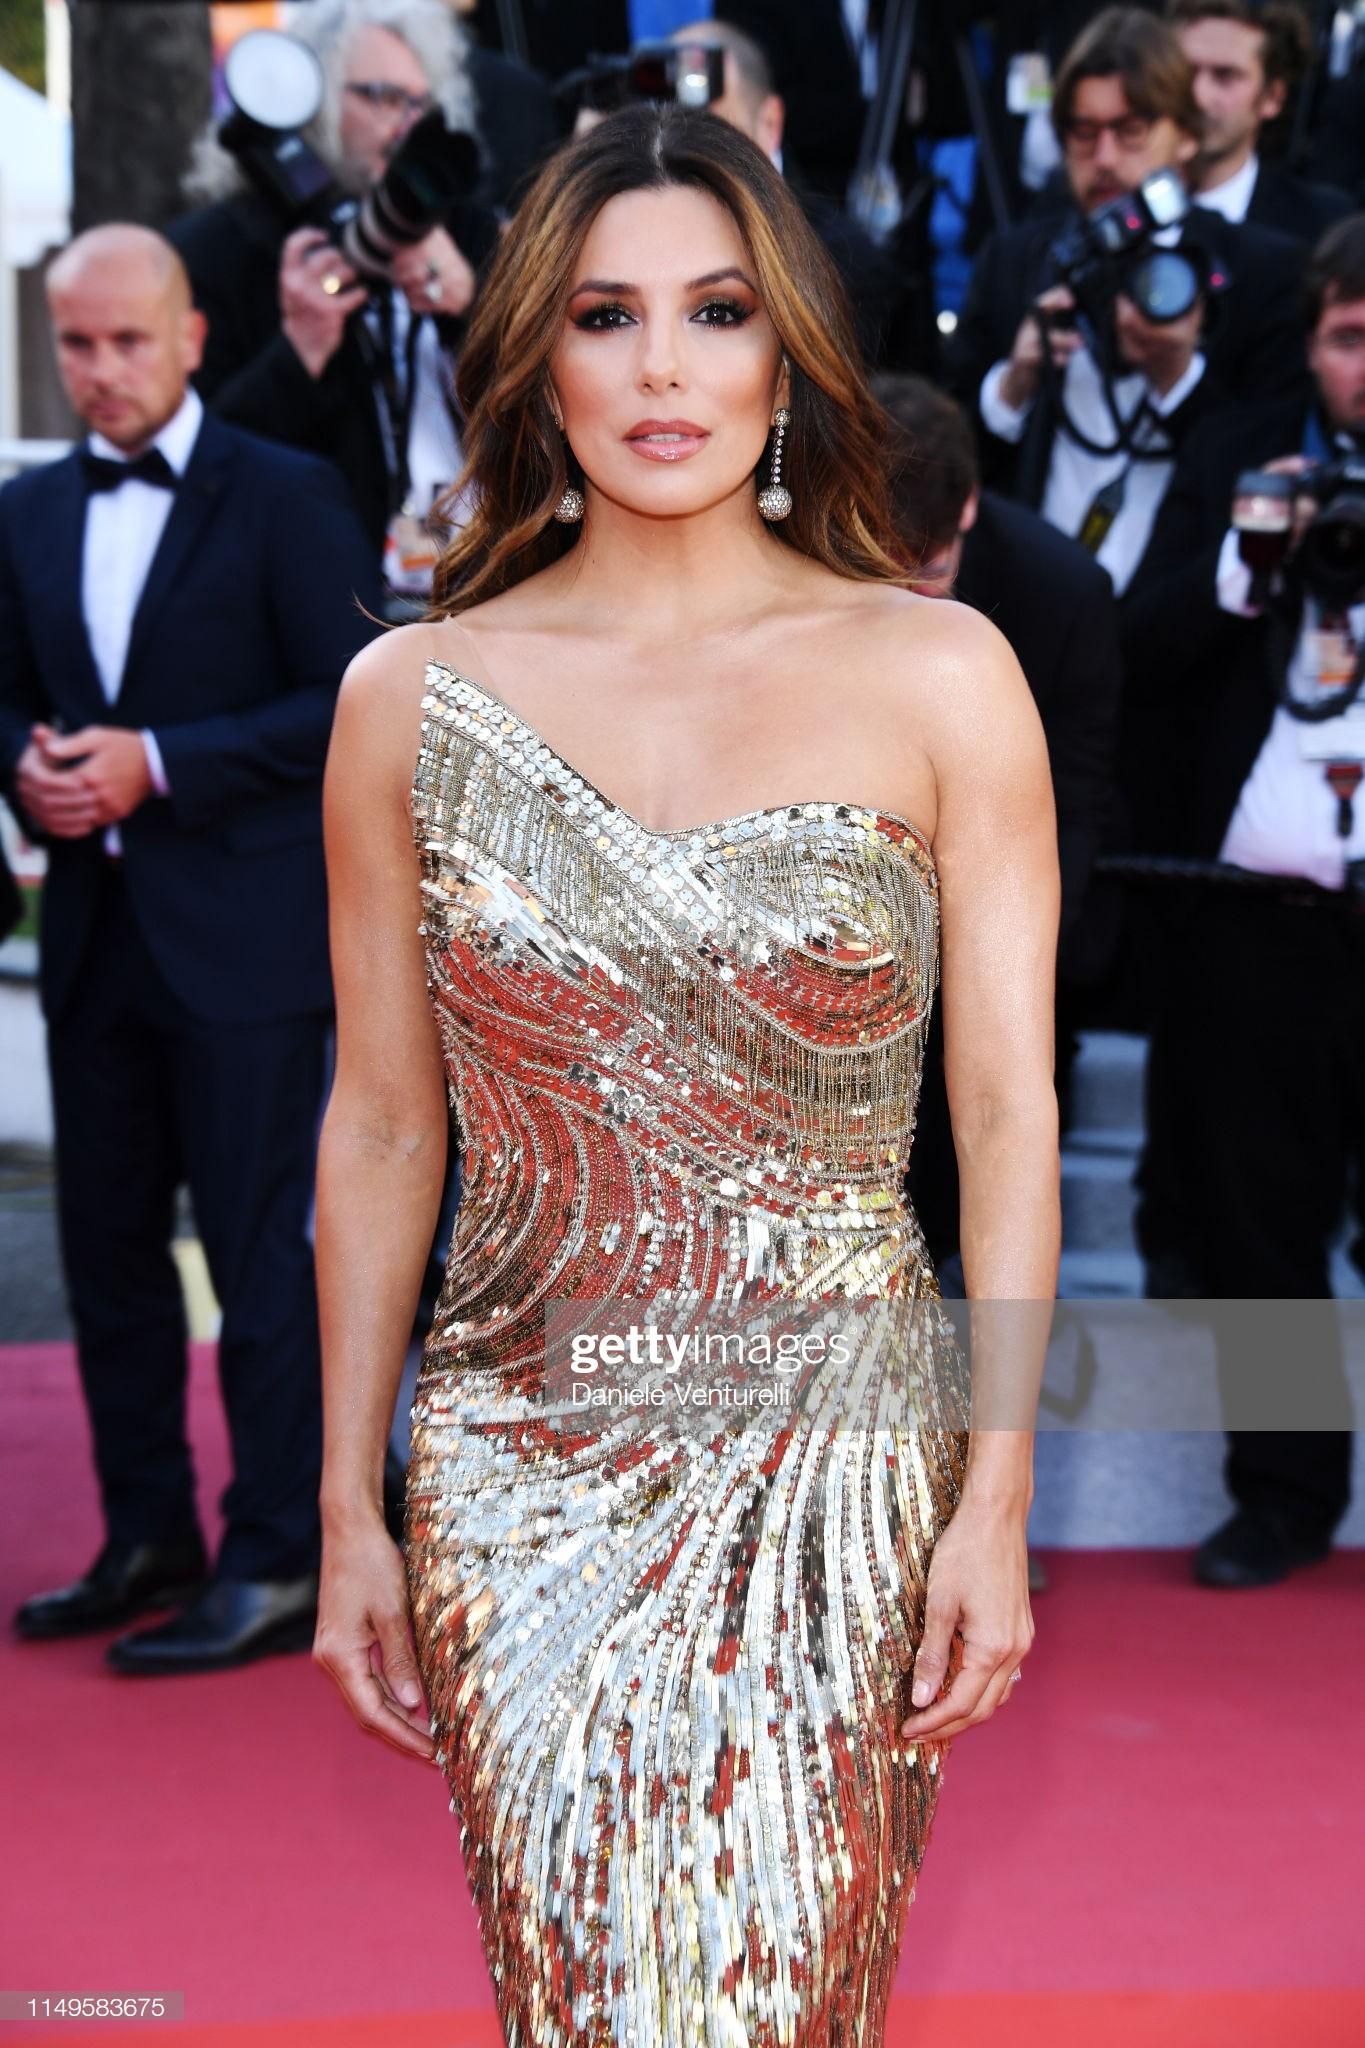 Thảm đỏ Cannes ngày 3: HLV The Face Thái Lan bất ngờ vùng lên chặt chém Bella Hadid cùng dàn mỹ nhân váy xẻ - Ảnh 10.